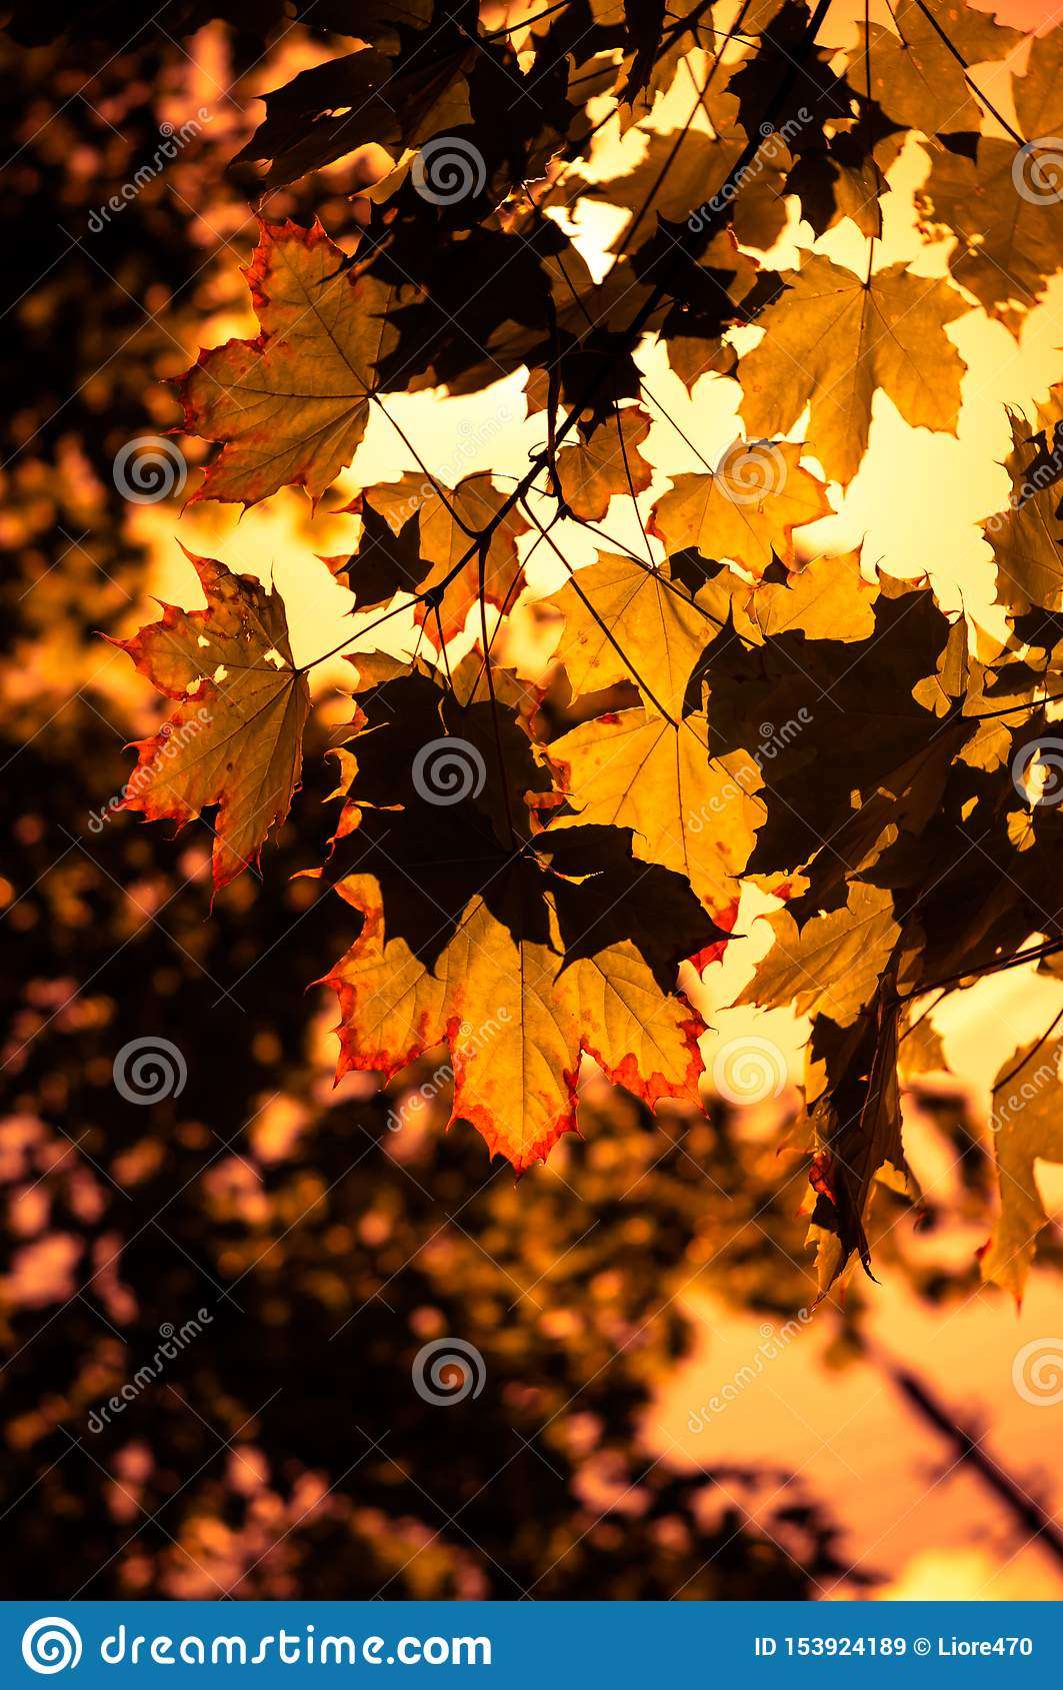 Φύλλα σφενδάμου φθινοπώρου αναμμένα από το φως του ήλιου Ζωηρόχρωμο υπόβαθρο φθινοπώρου Μαλακή εστίαση, επιλεγμένη εστίαση